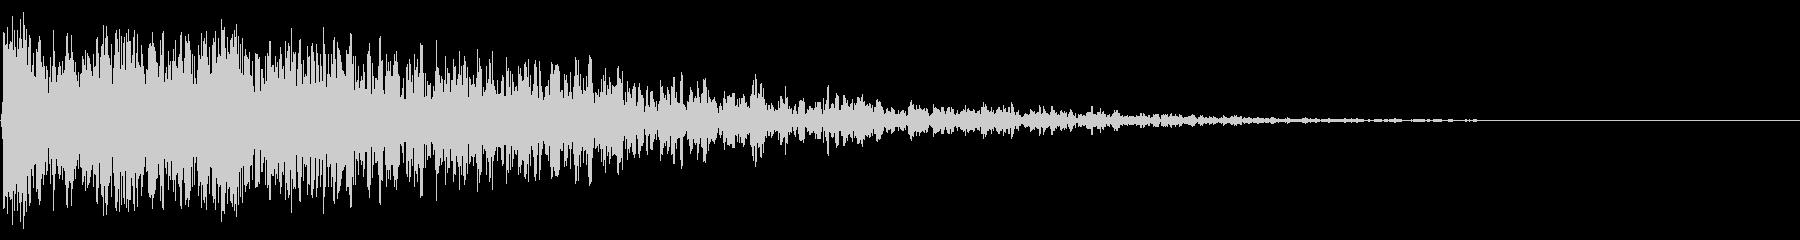 バウンドメタルヒットの未再生の波形